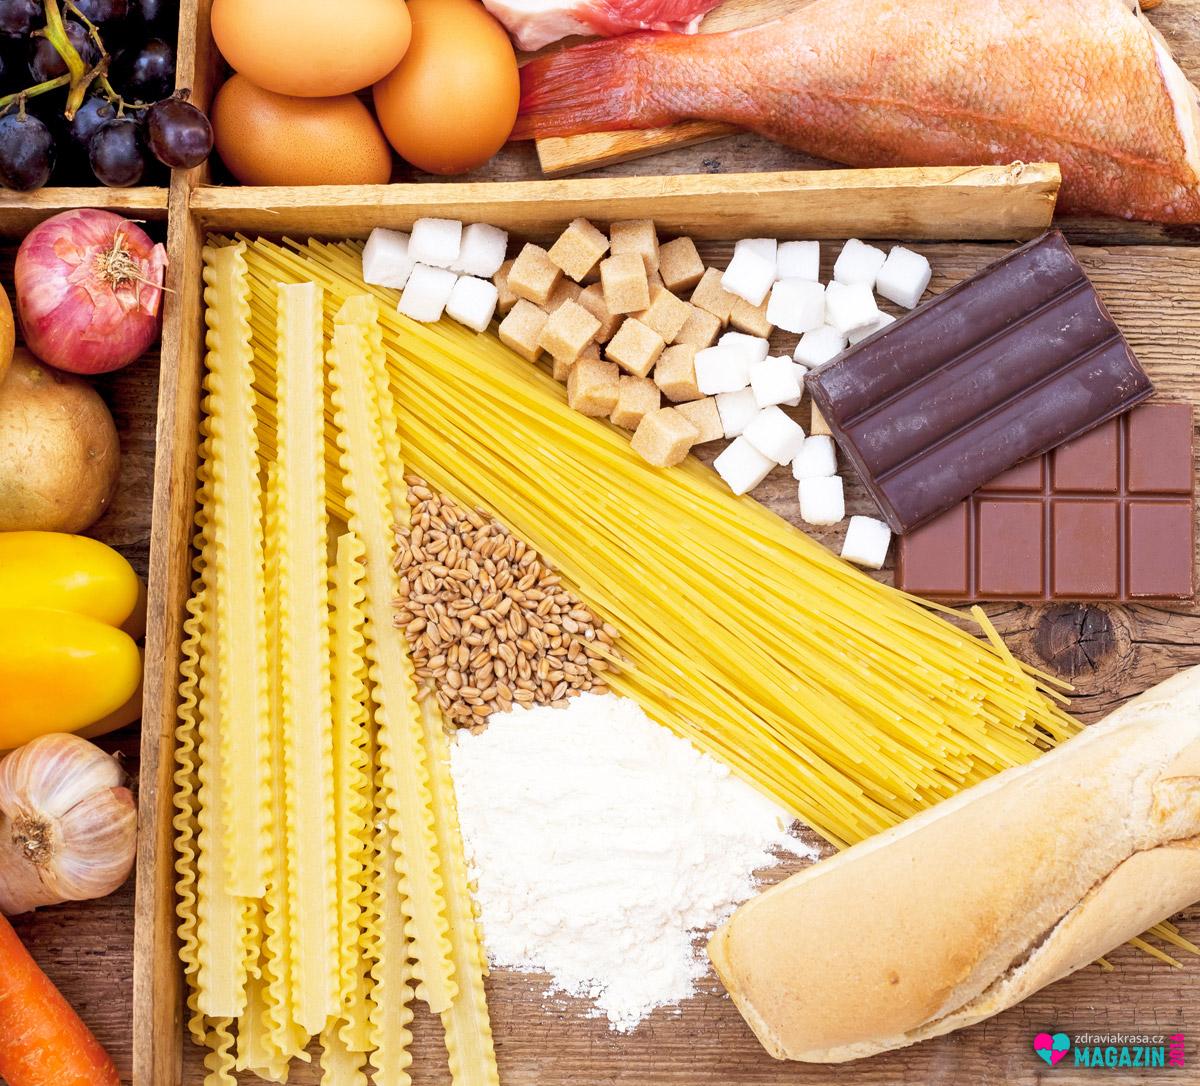 Cukry a sacharidy nejsou totéž. Naučte se tyto pojmy rozlišovat.